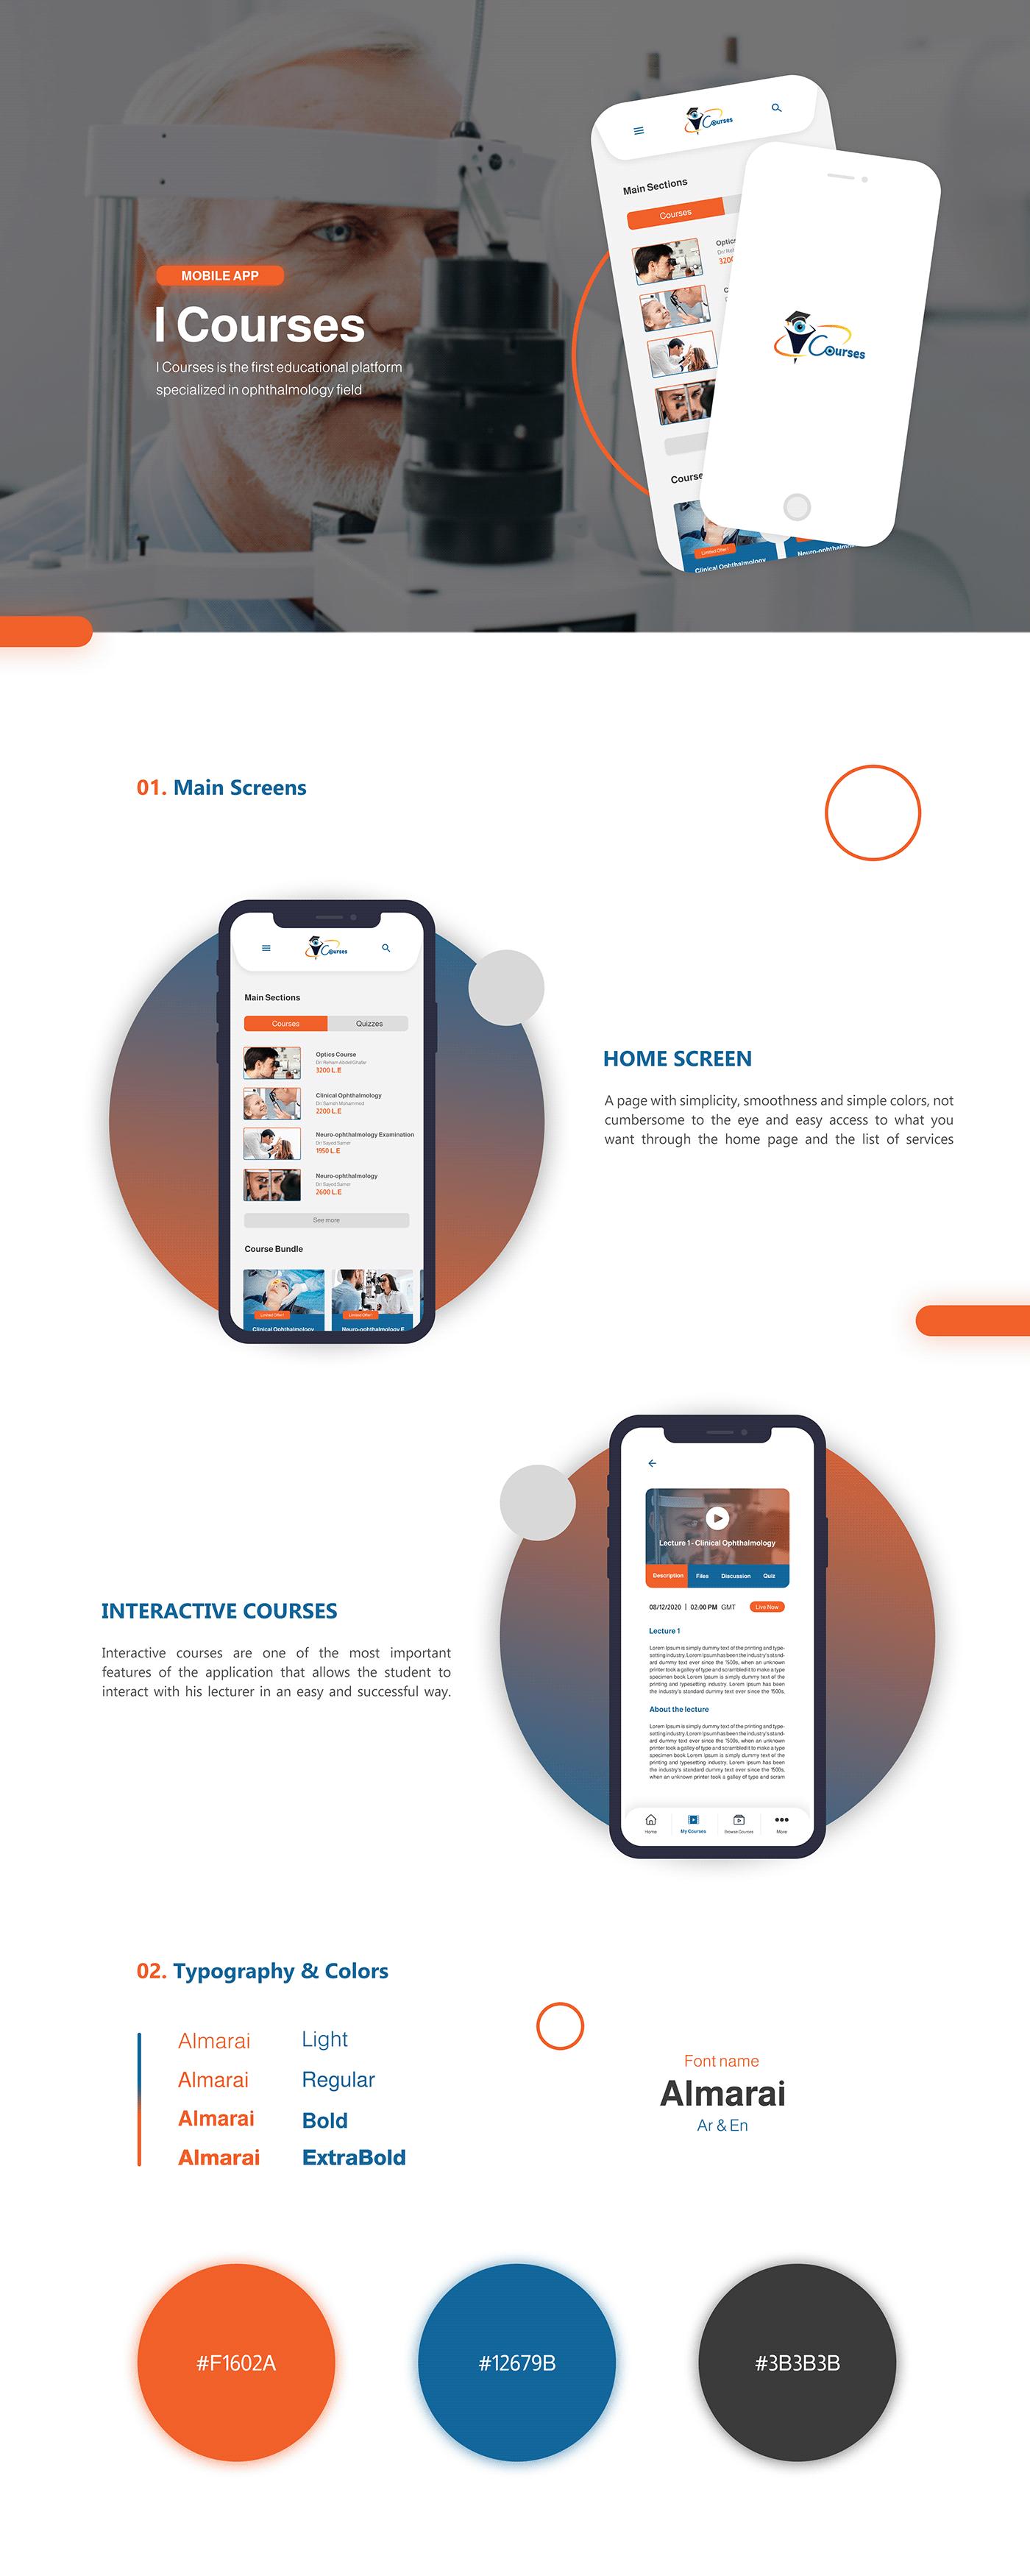 app application courses design mobile Mobile app UI UI/UX ux